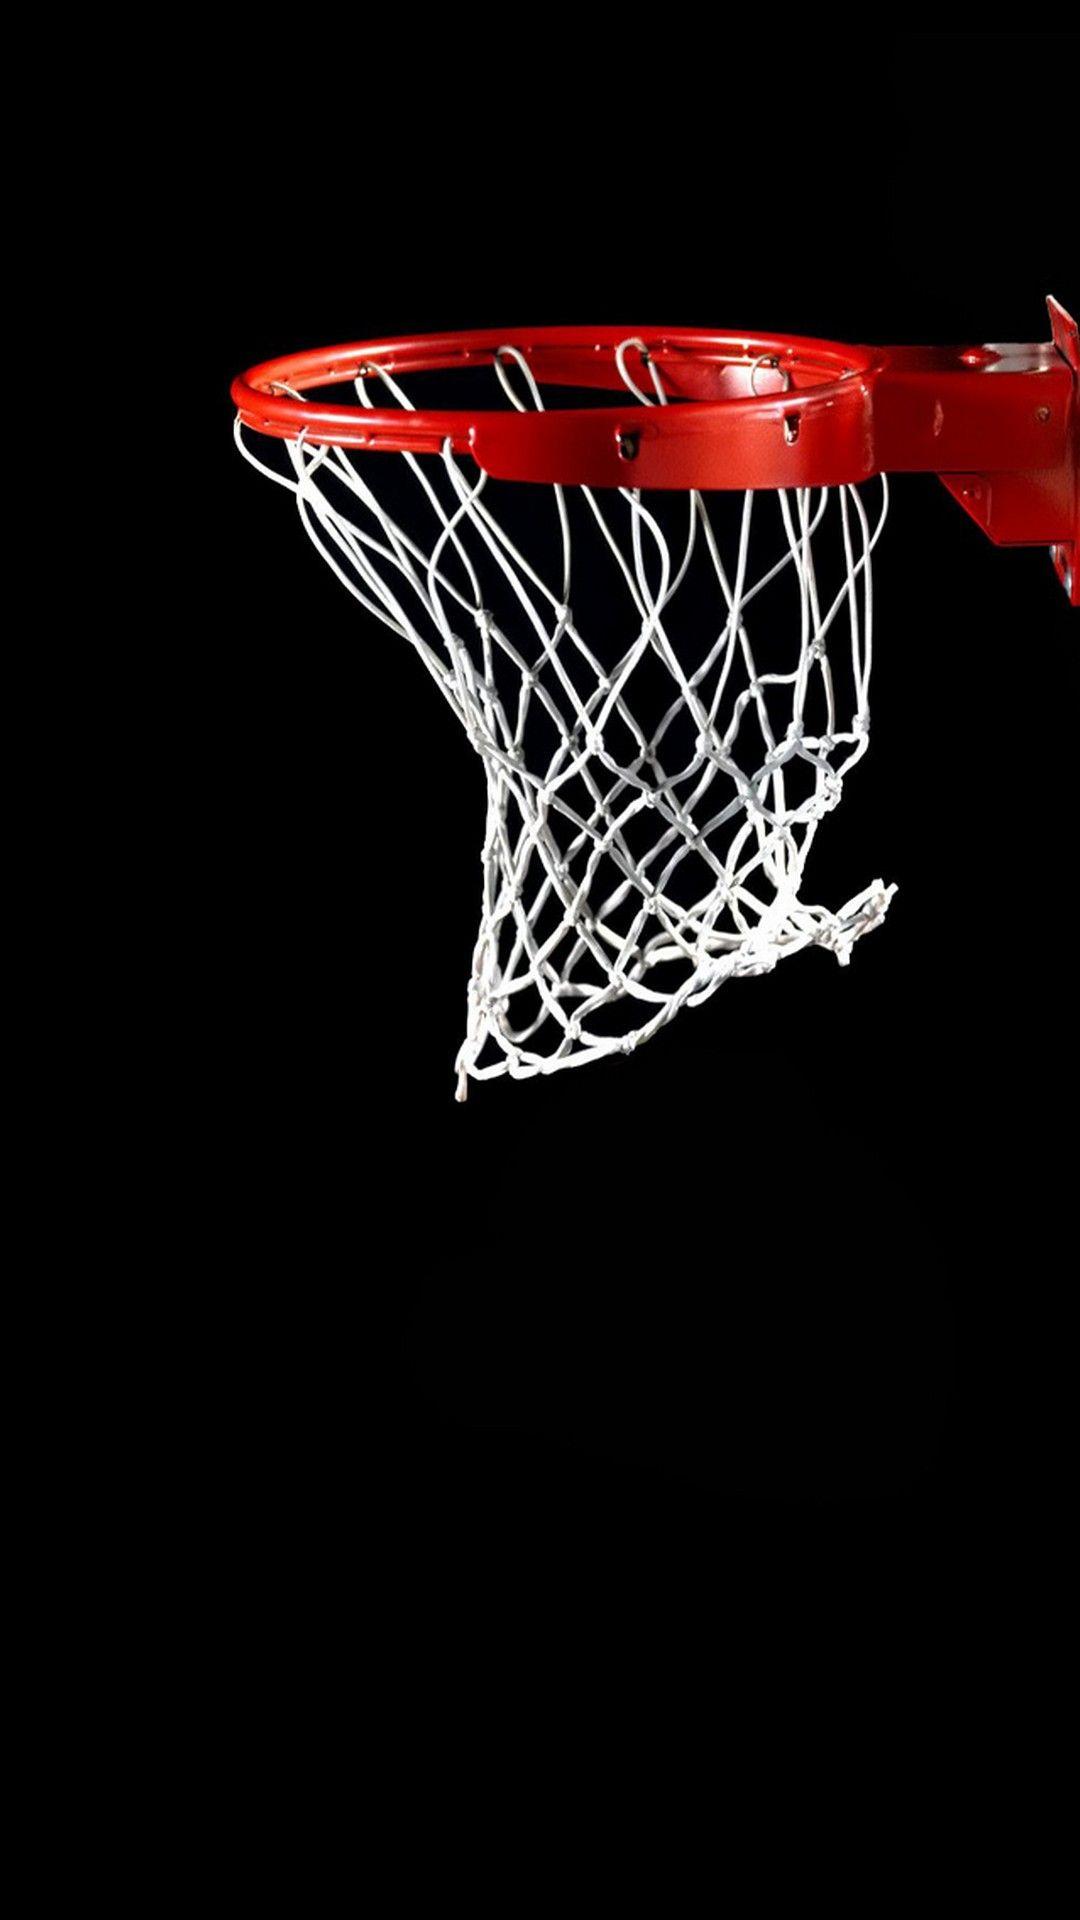 Basketball Wallpaper Best Basketball Wallpapers 2020 Basketball Wallpaper Basketball Iphone Wallpaper Basketball Wallpapers Hd